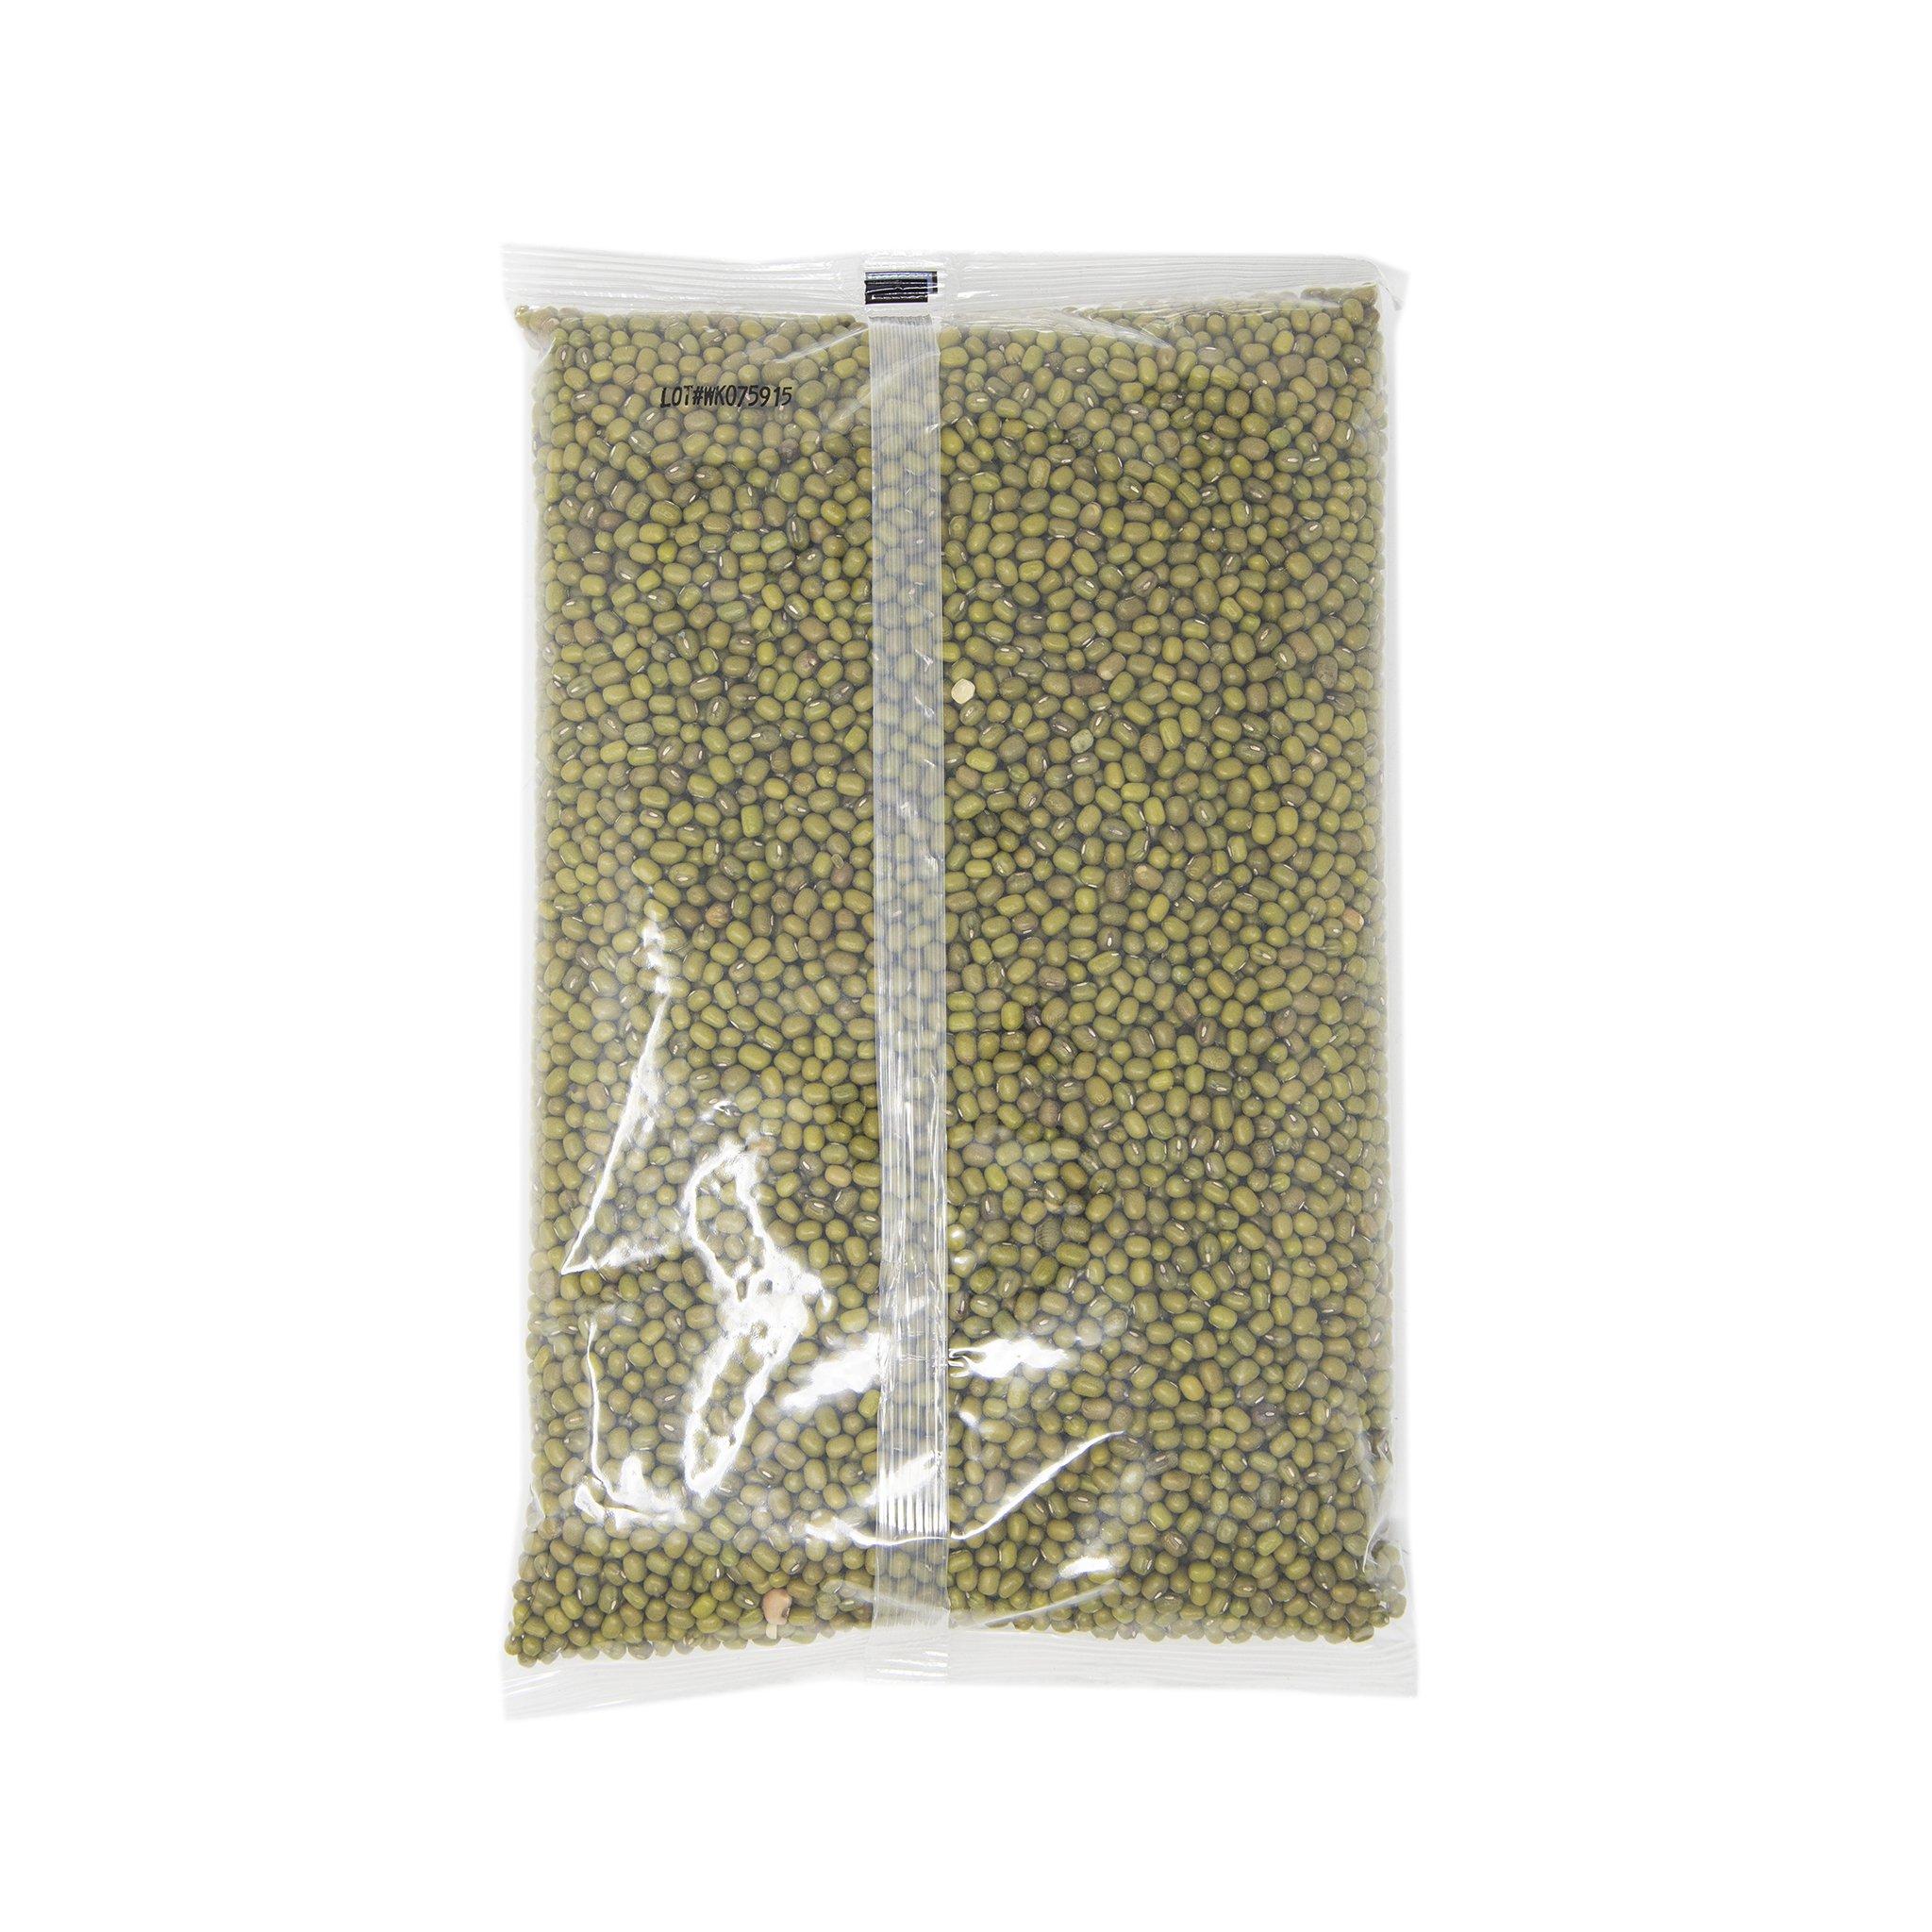 medium grand earth barn mung bean 2 lbs r0eAicV1Z